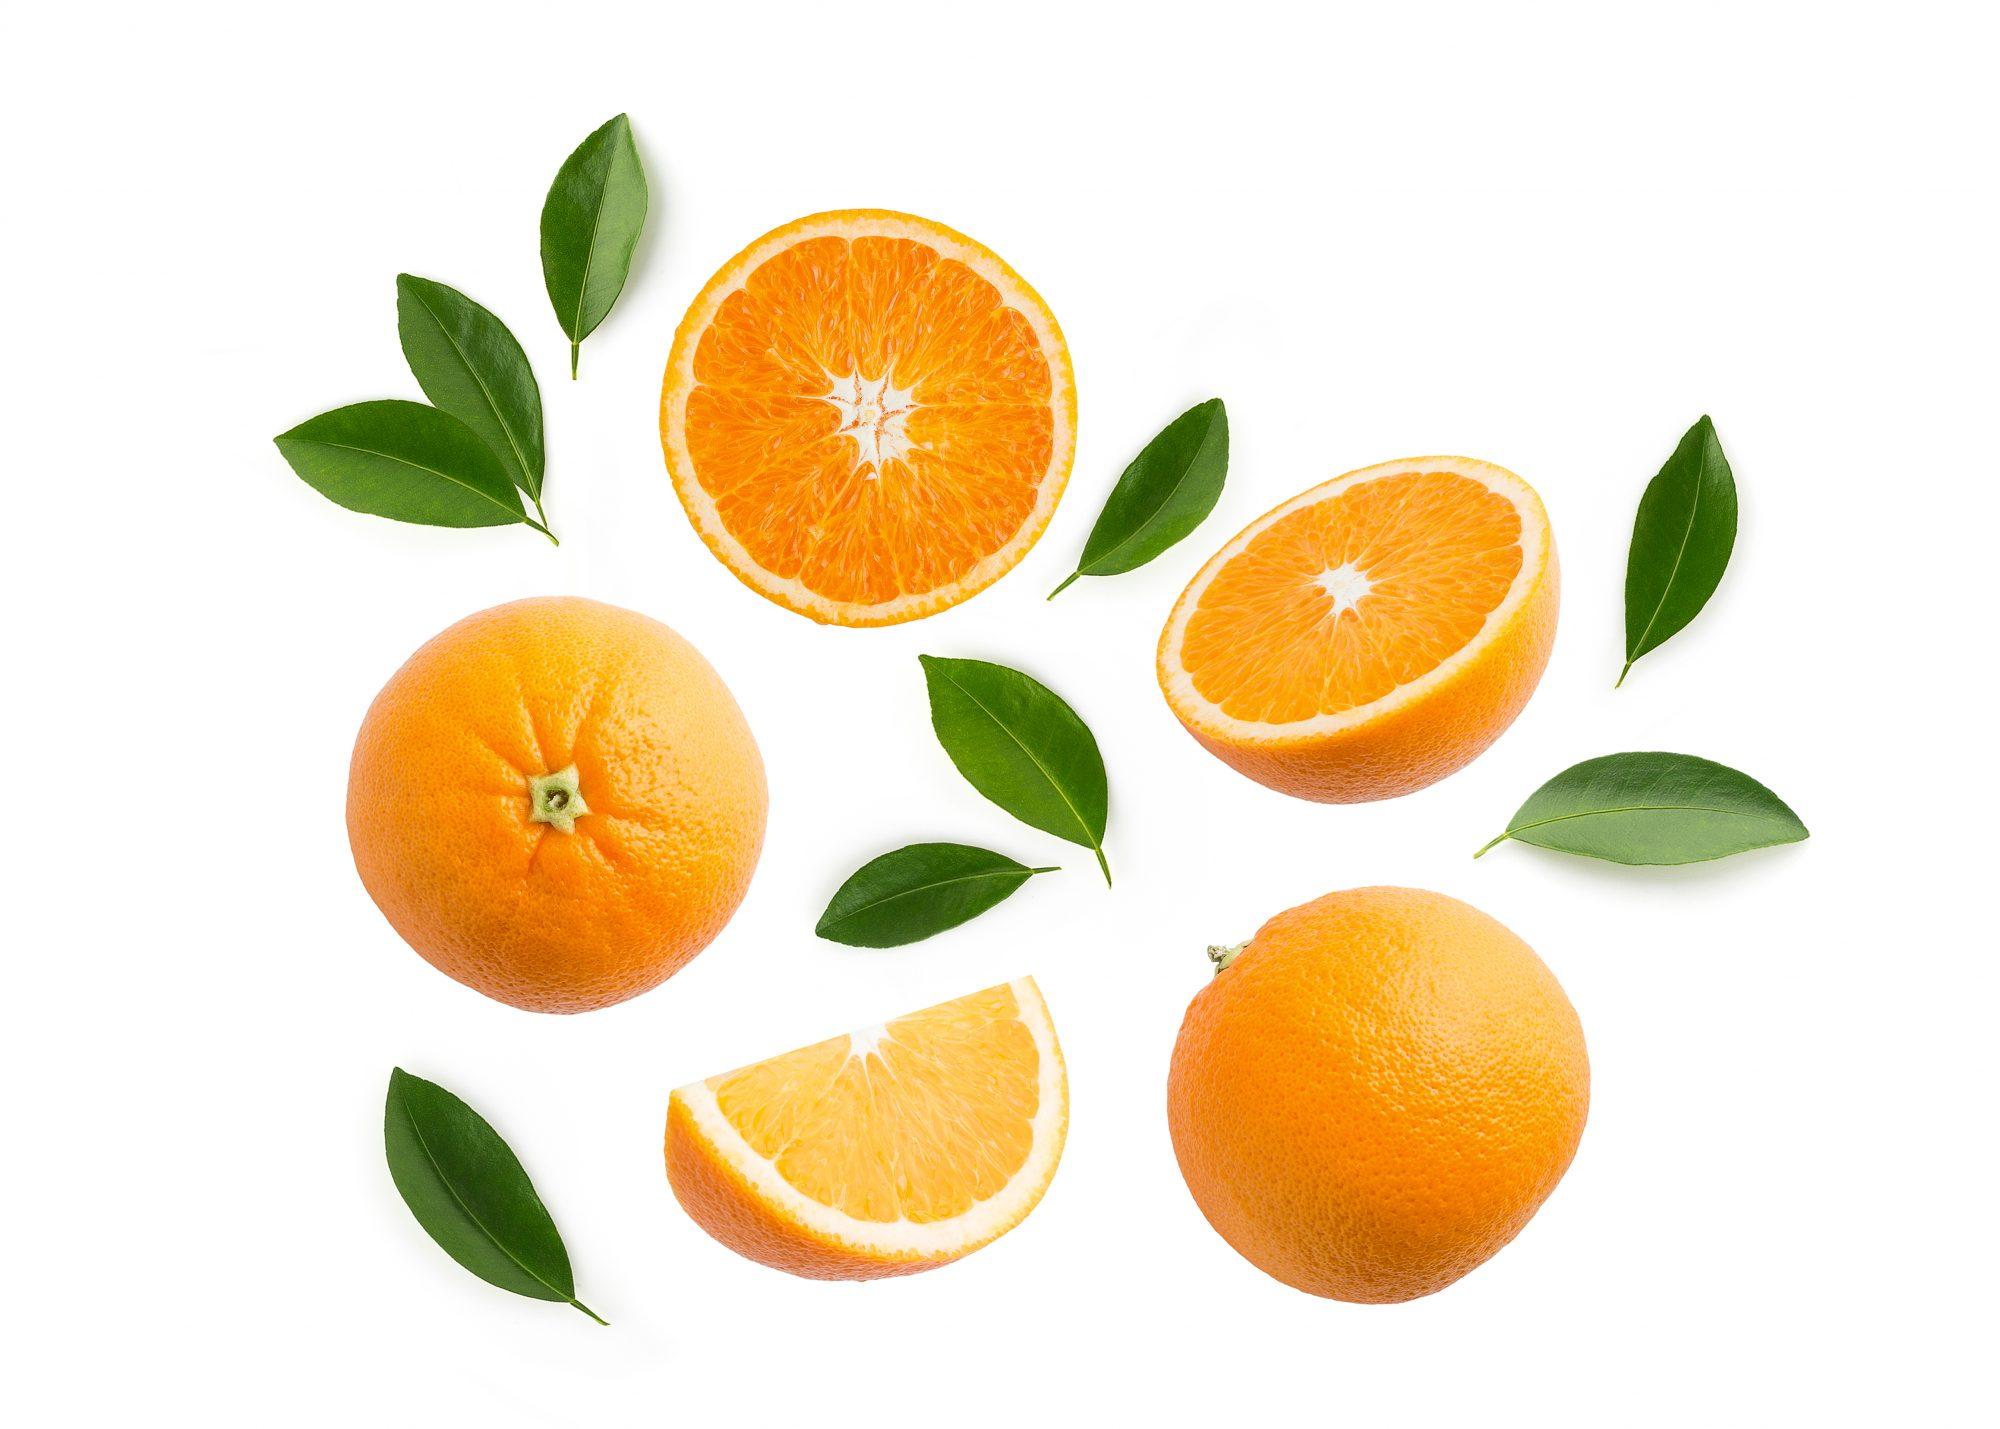 alimentos para ayudar contra el coronavirus